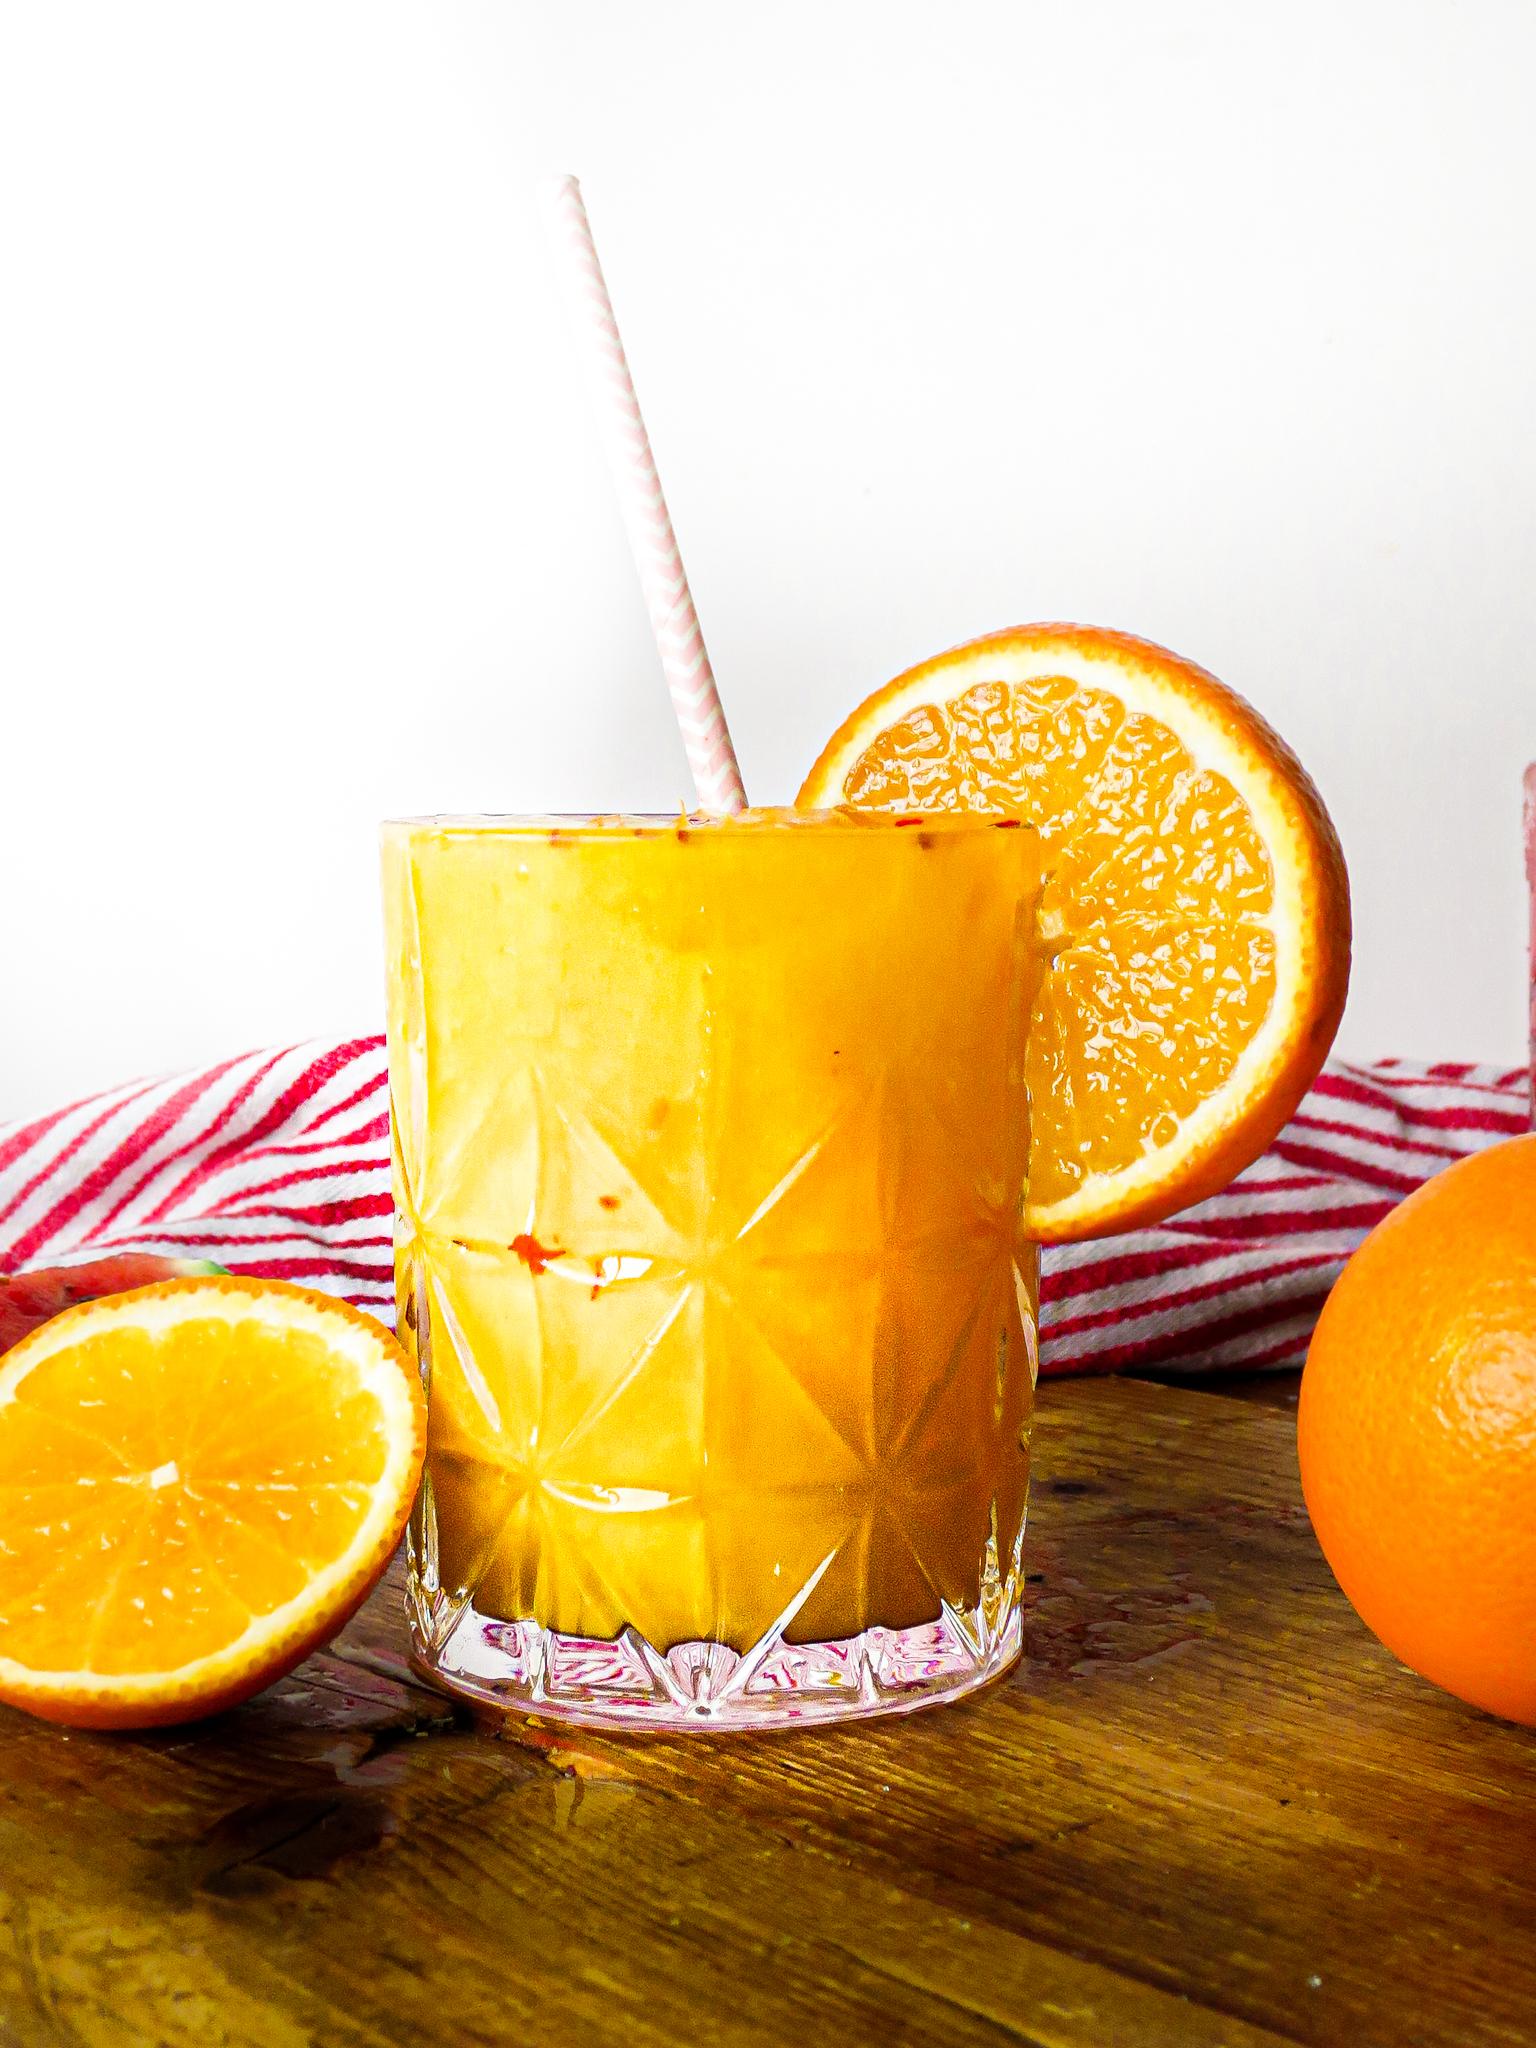 Op deze foto zie je zomers drankje met sinaasappelsap, oranjebloesem en chili